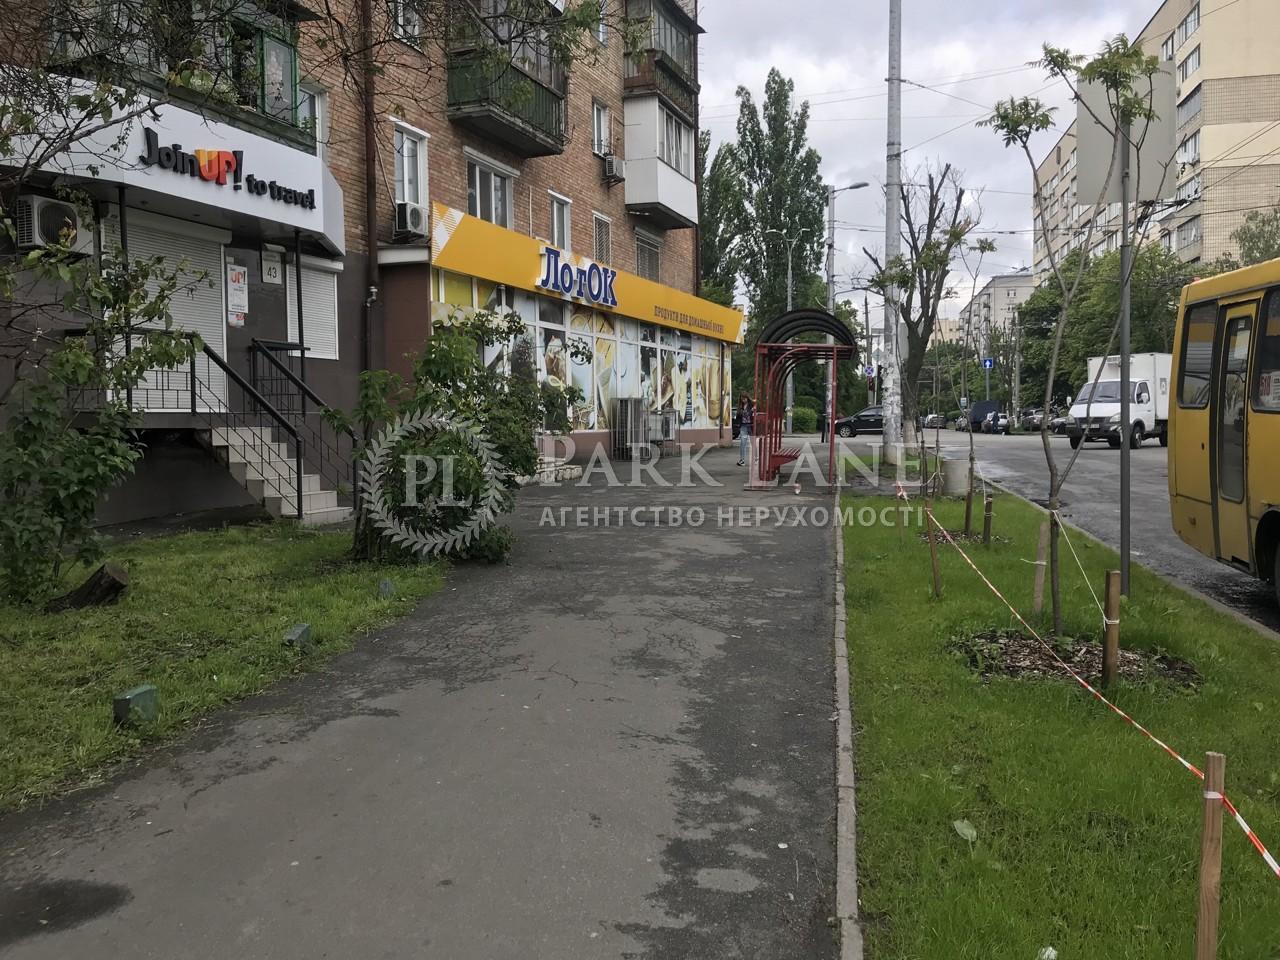 Нежилое помещение, Воздухофлотский просп., Киев, N-21890 - Фото 8